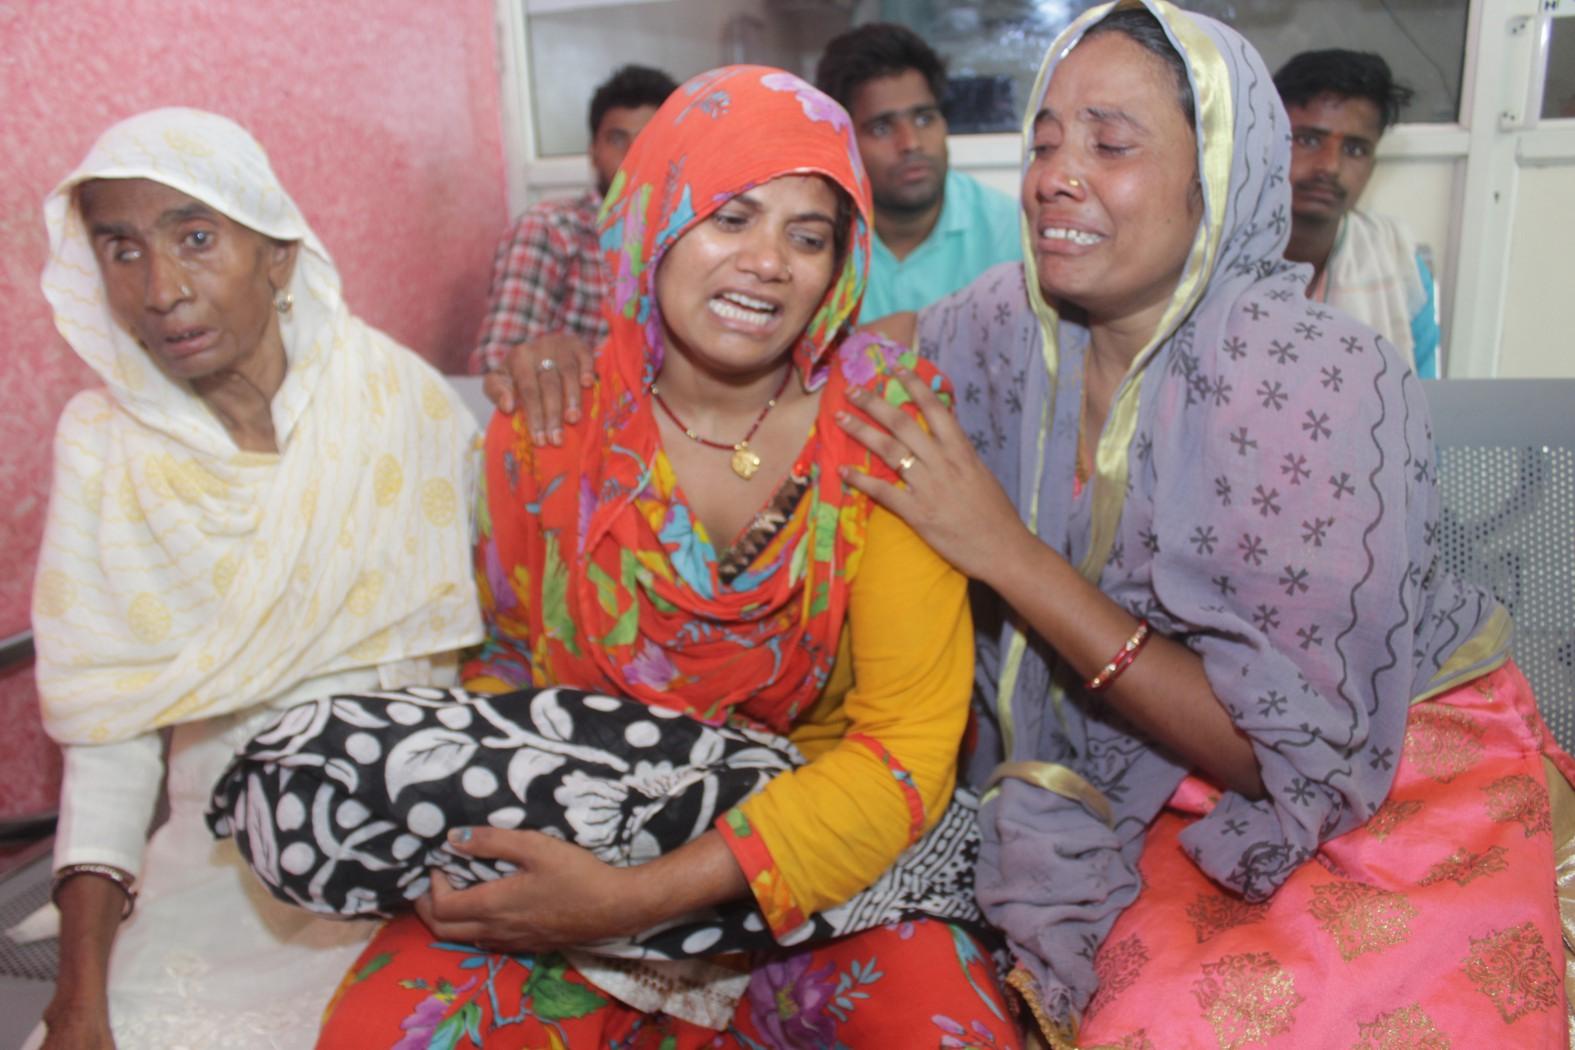 हालत बिगड़ी तो केआरएच कर दिया रैफर, बच्चे की मौत पर परिजनों ने किया हंगामा